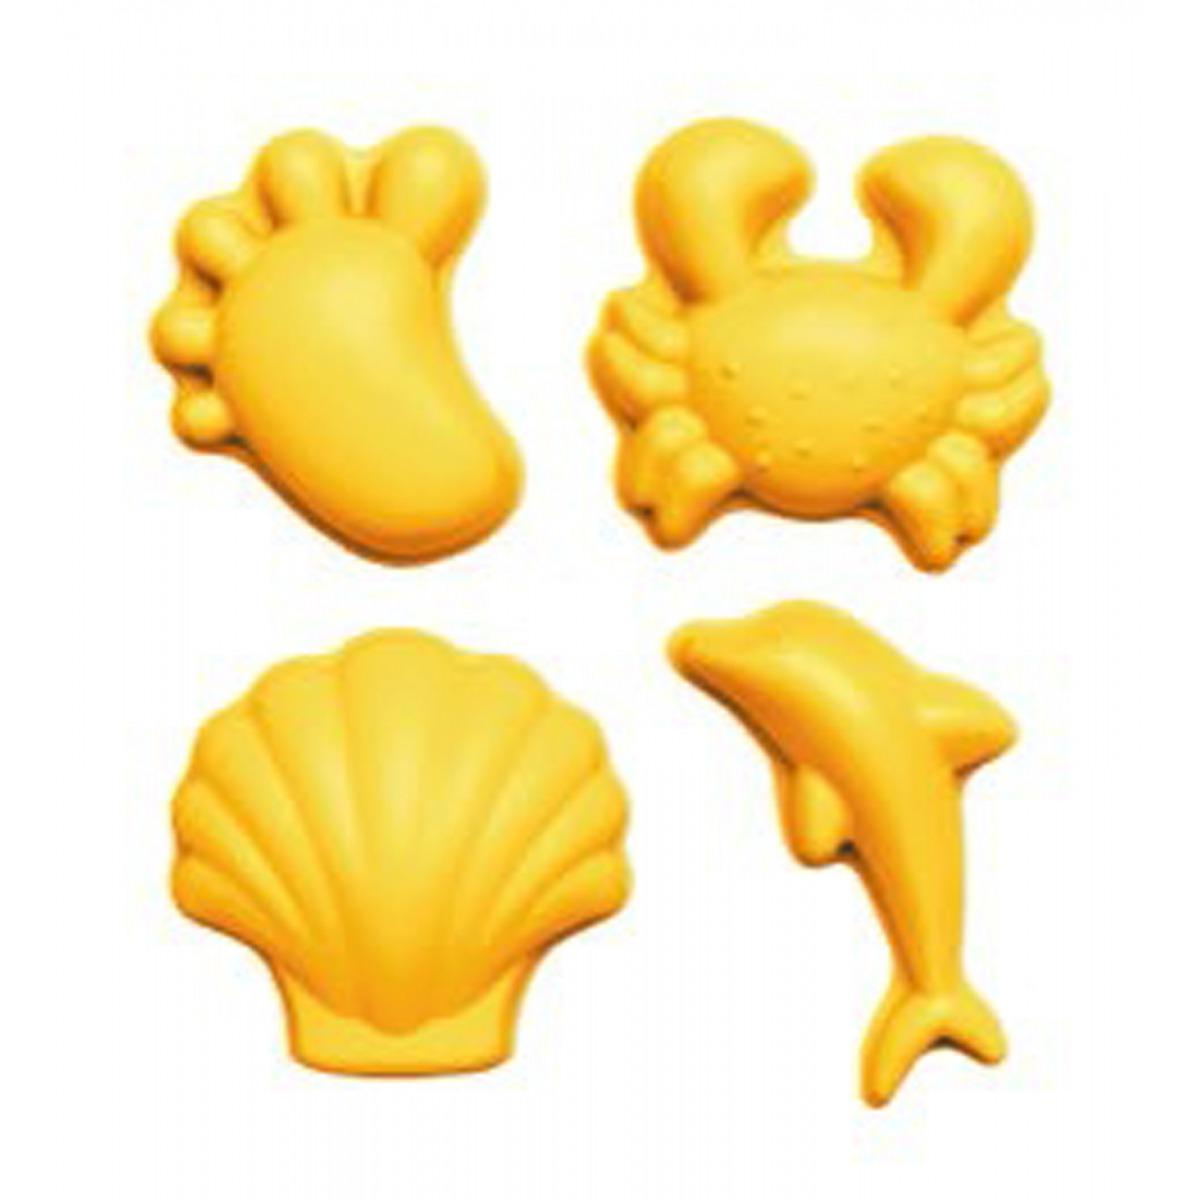 silikonowe-foremki-do-piasku-4-szt-scrunch-pastelowy-zolty